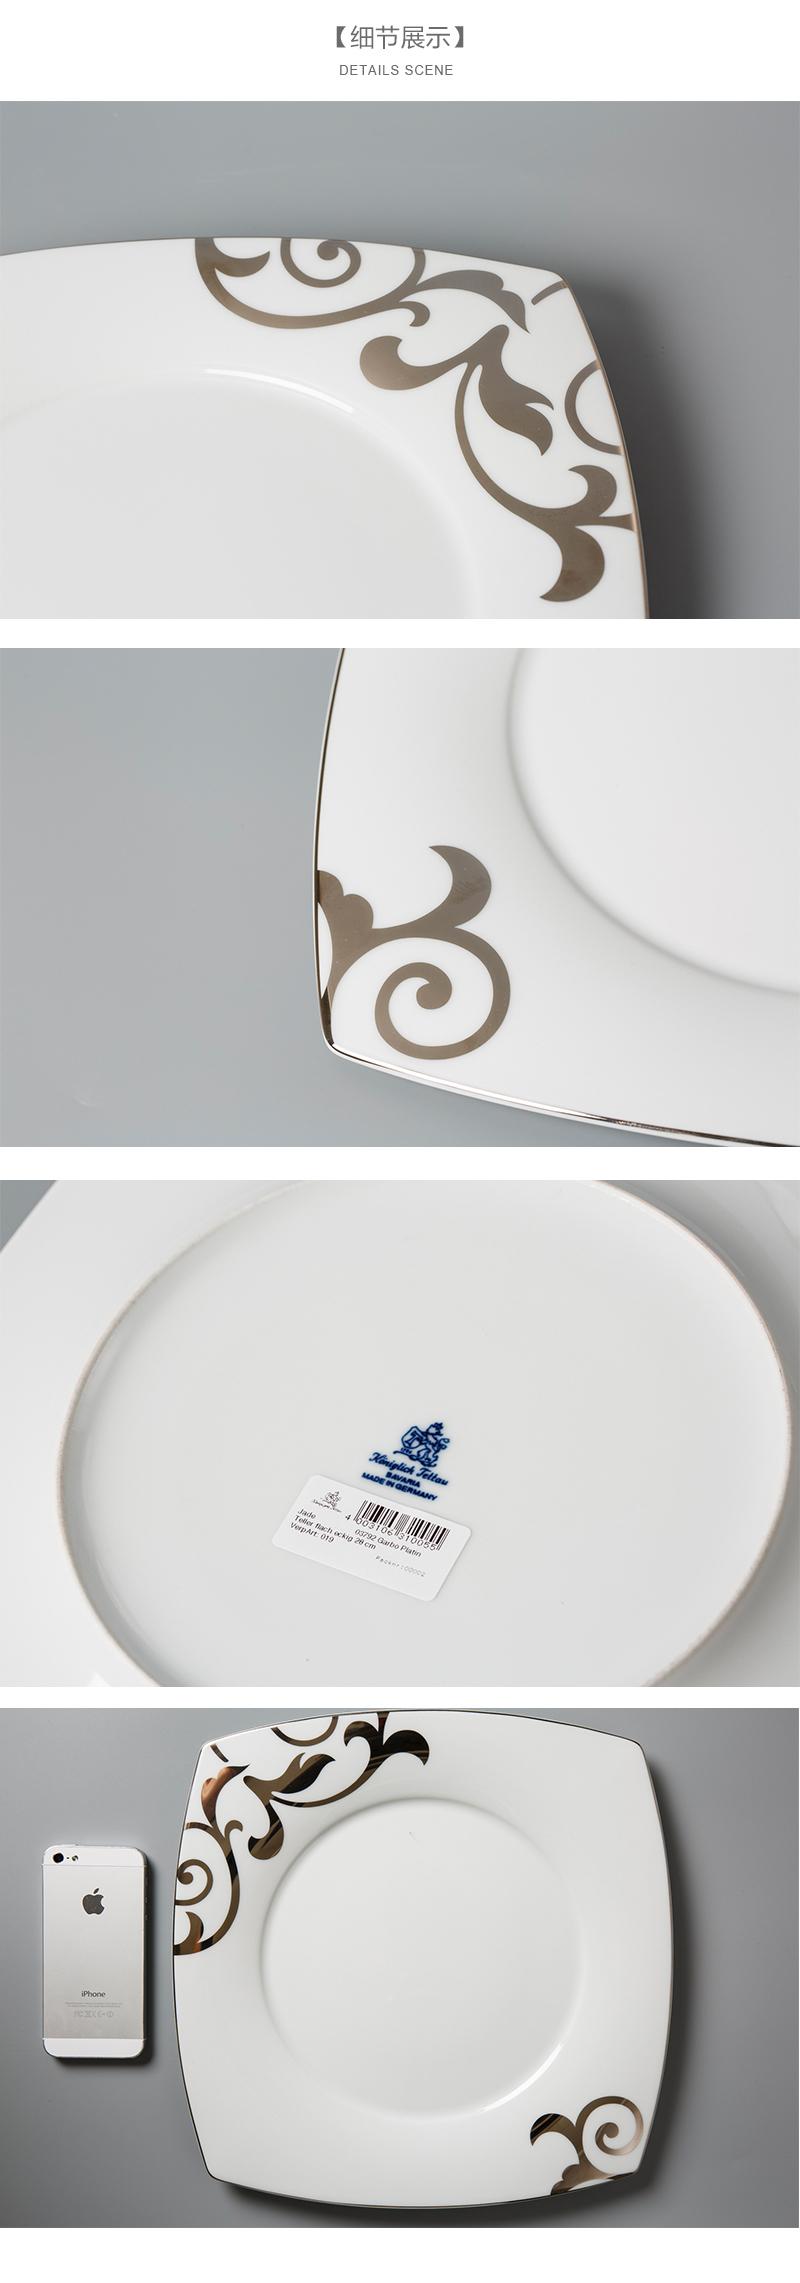 德国Seltmann Weiden铂金印花陶瓷餐盘产品细节